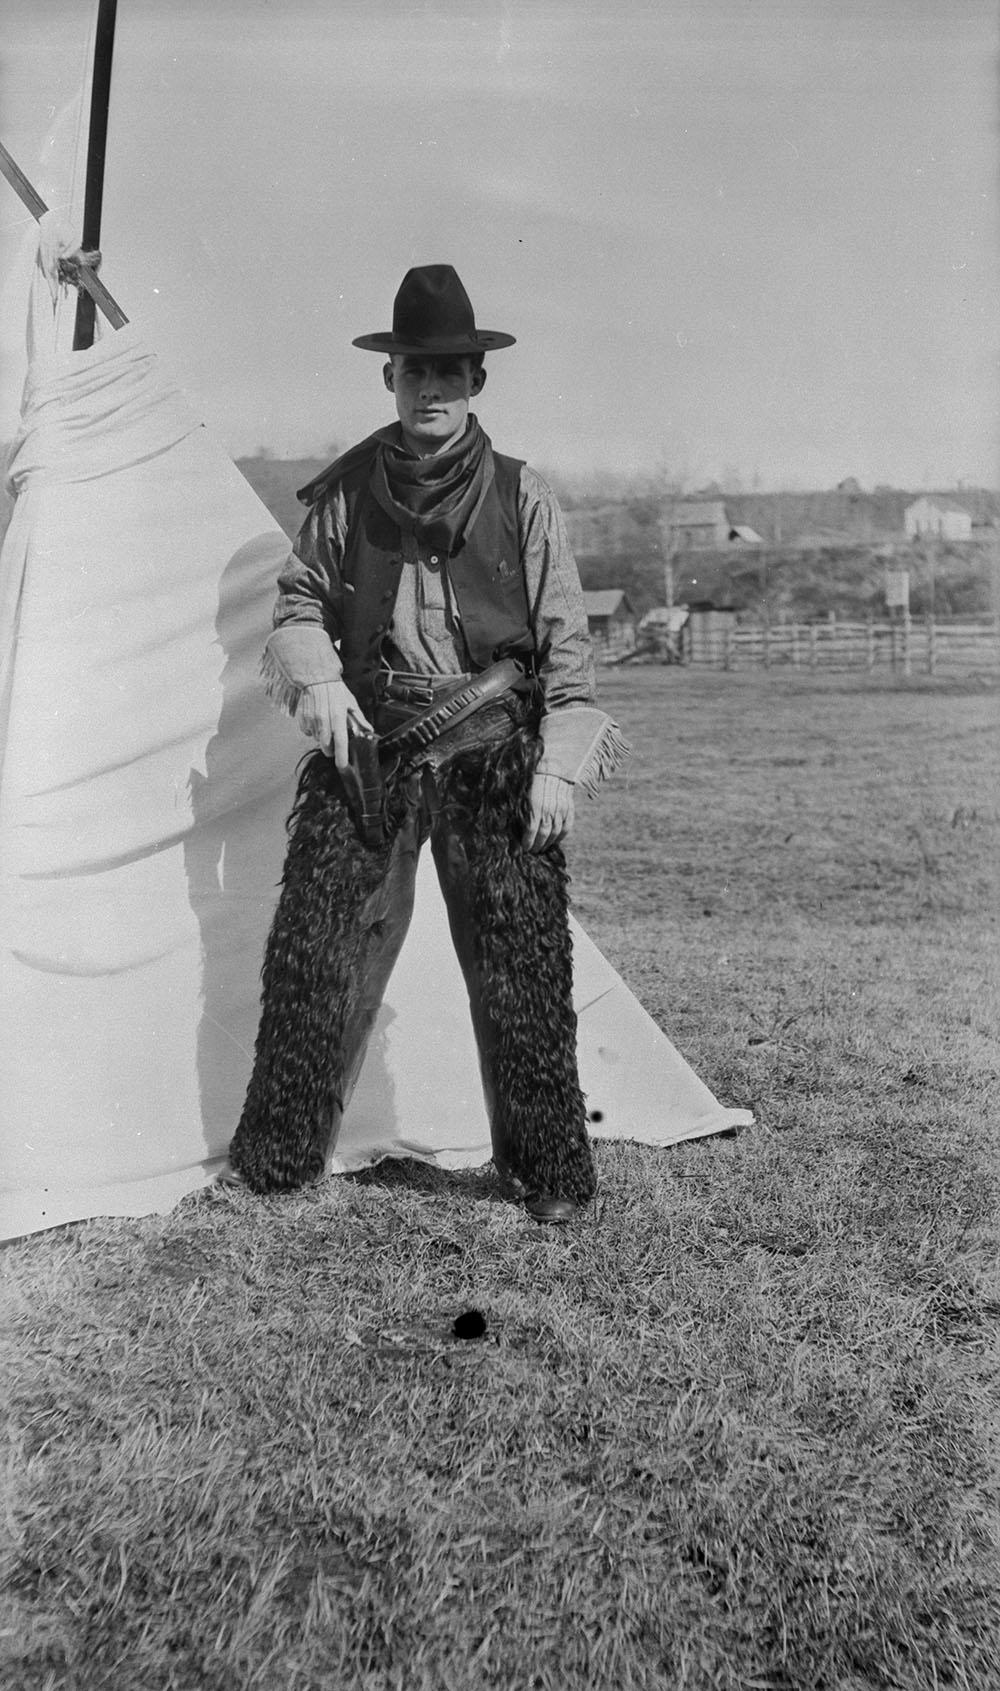 Photographie d'un cowboy